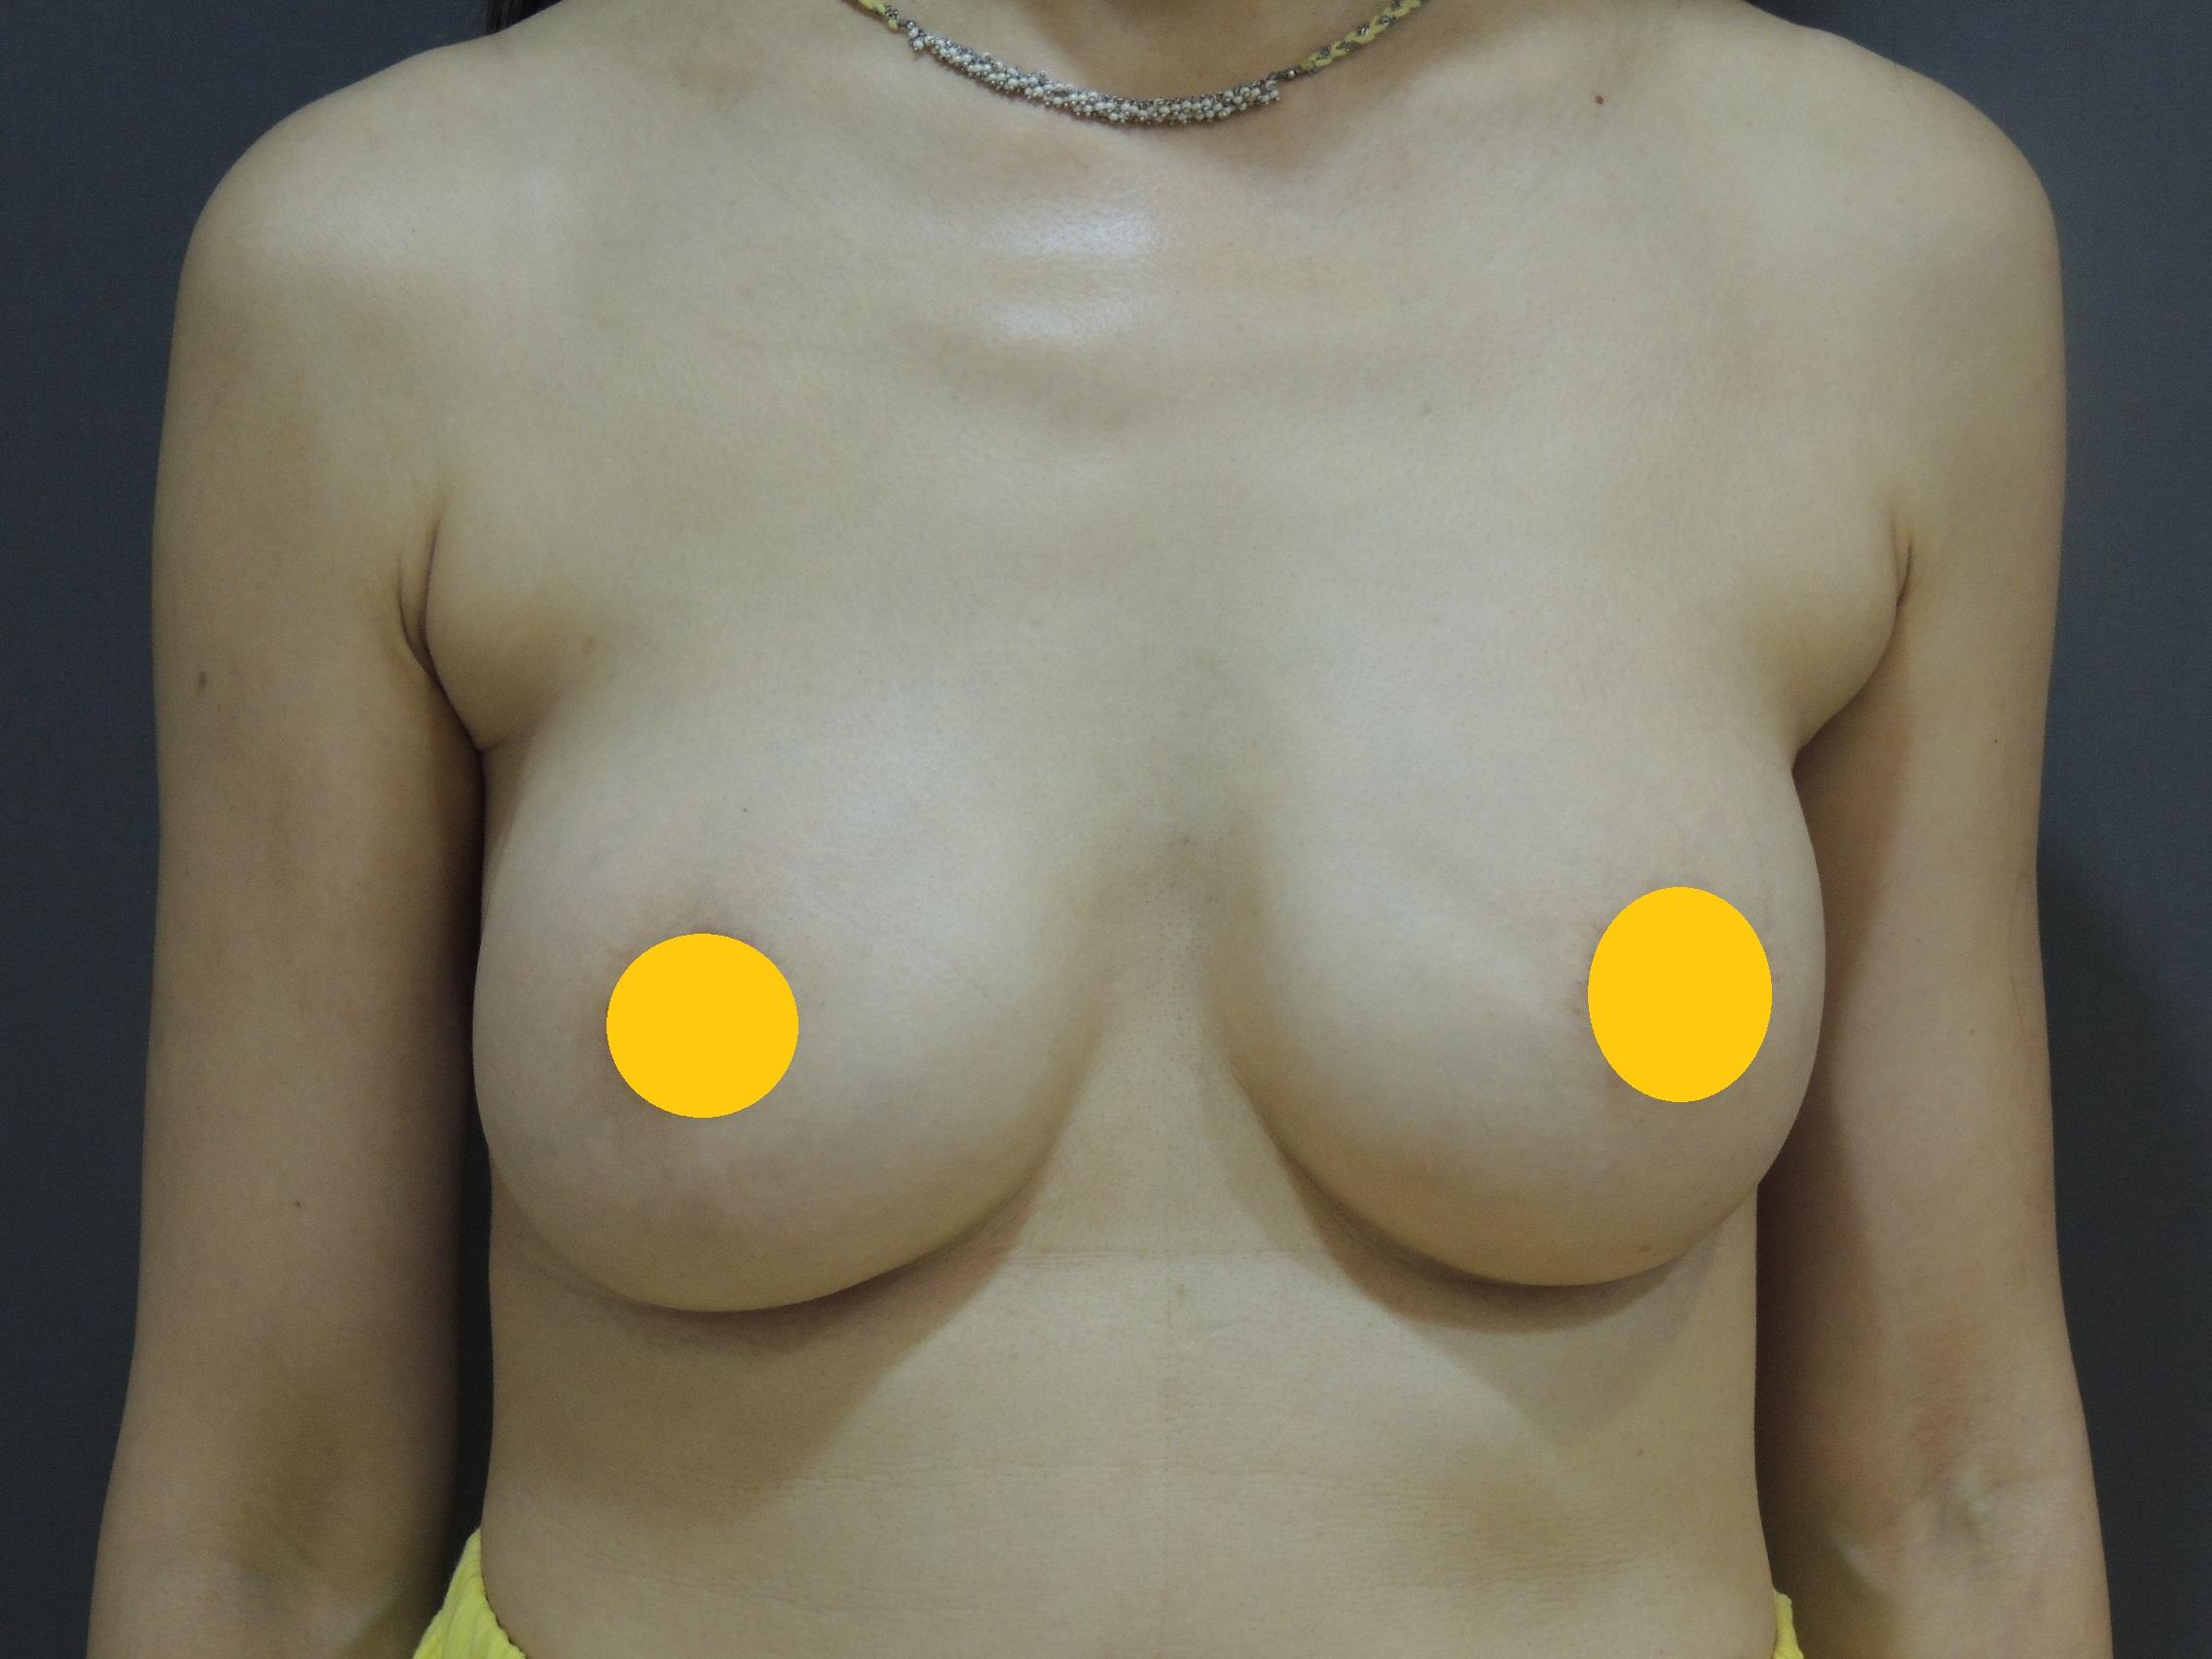 莢膜攣縮鈣化 調整術後